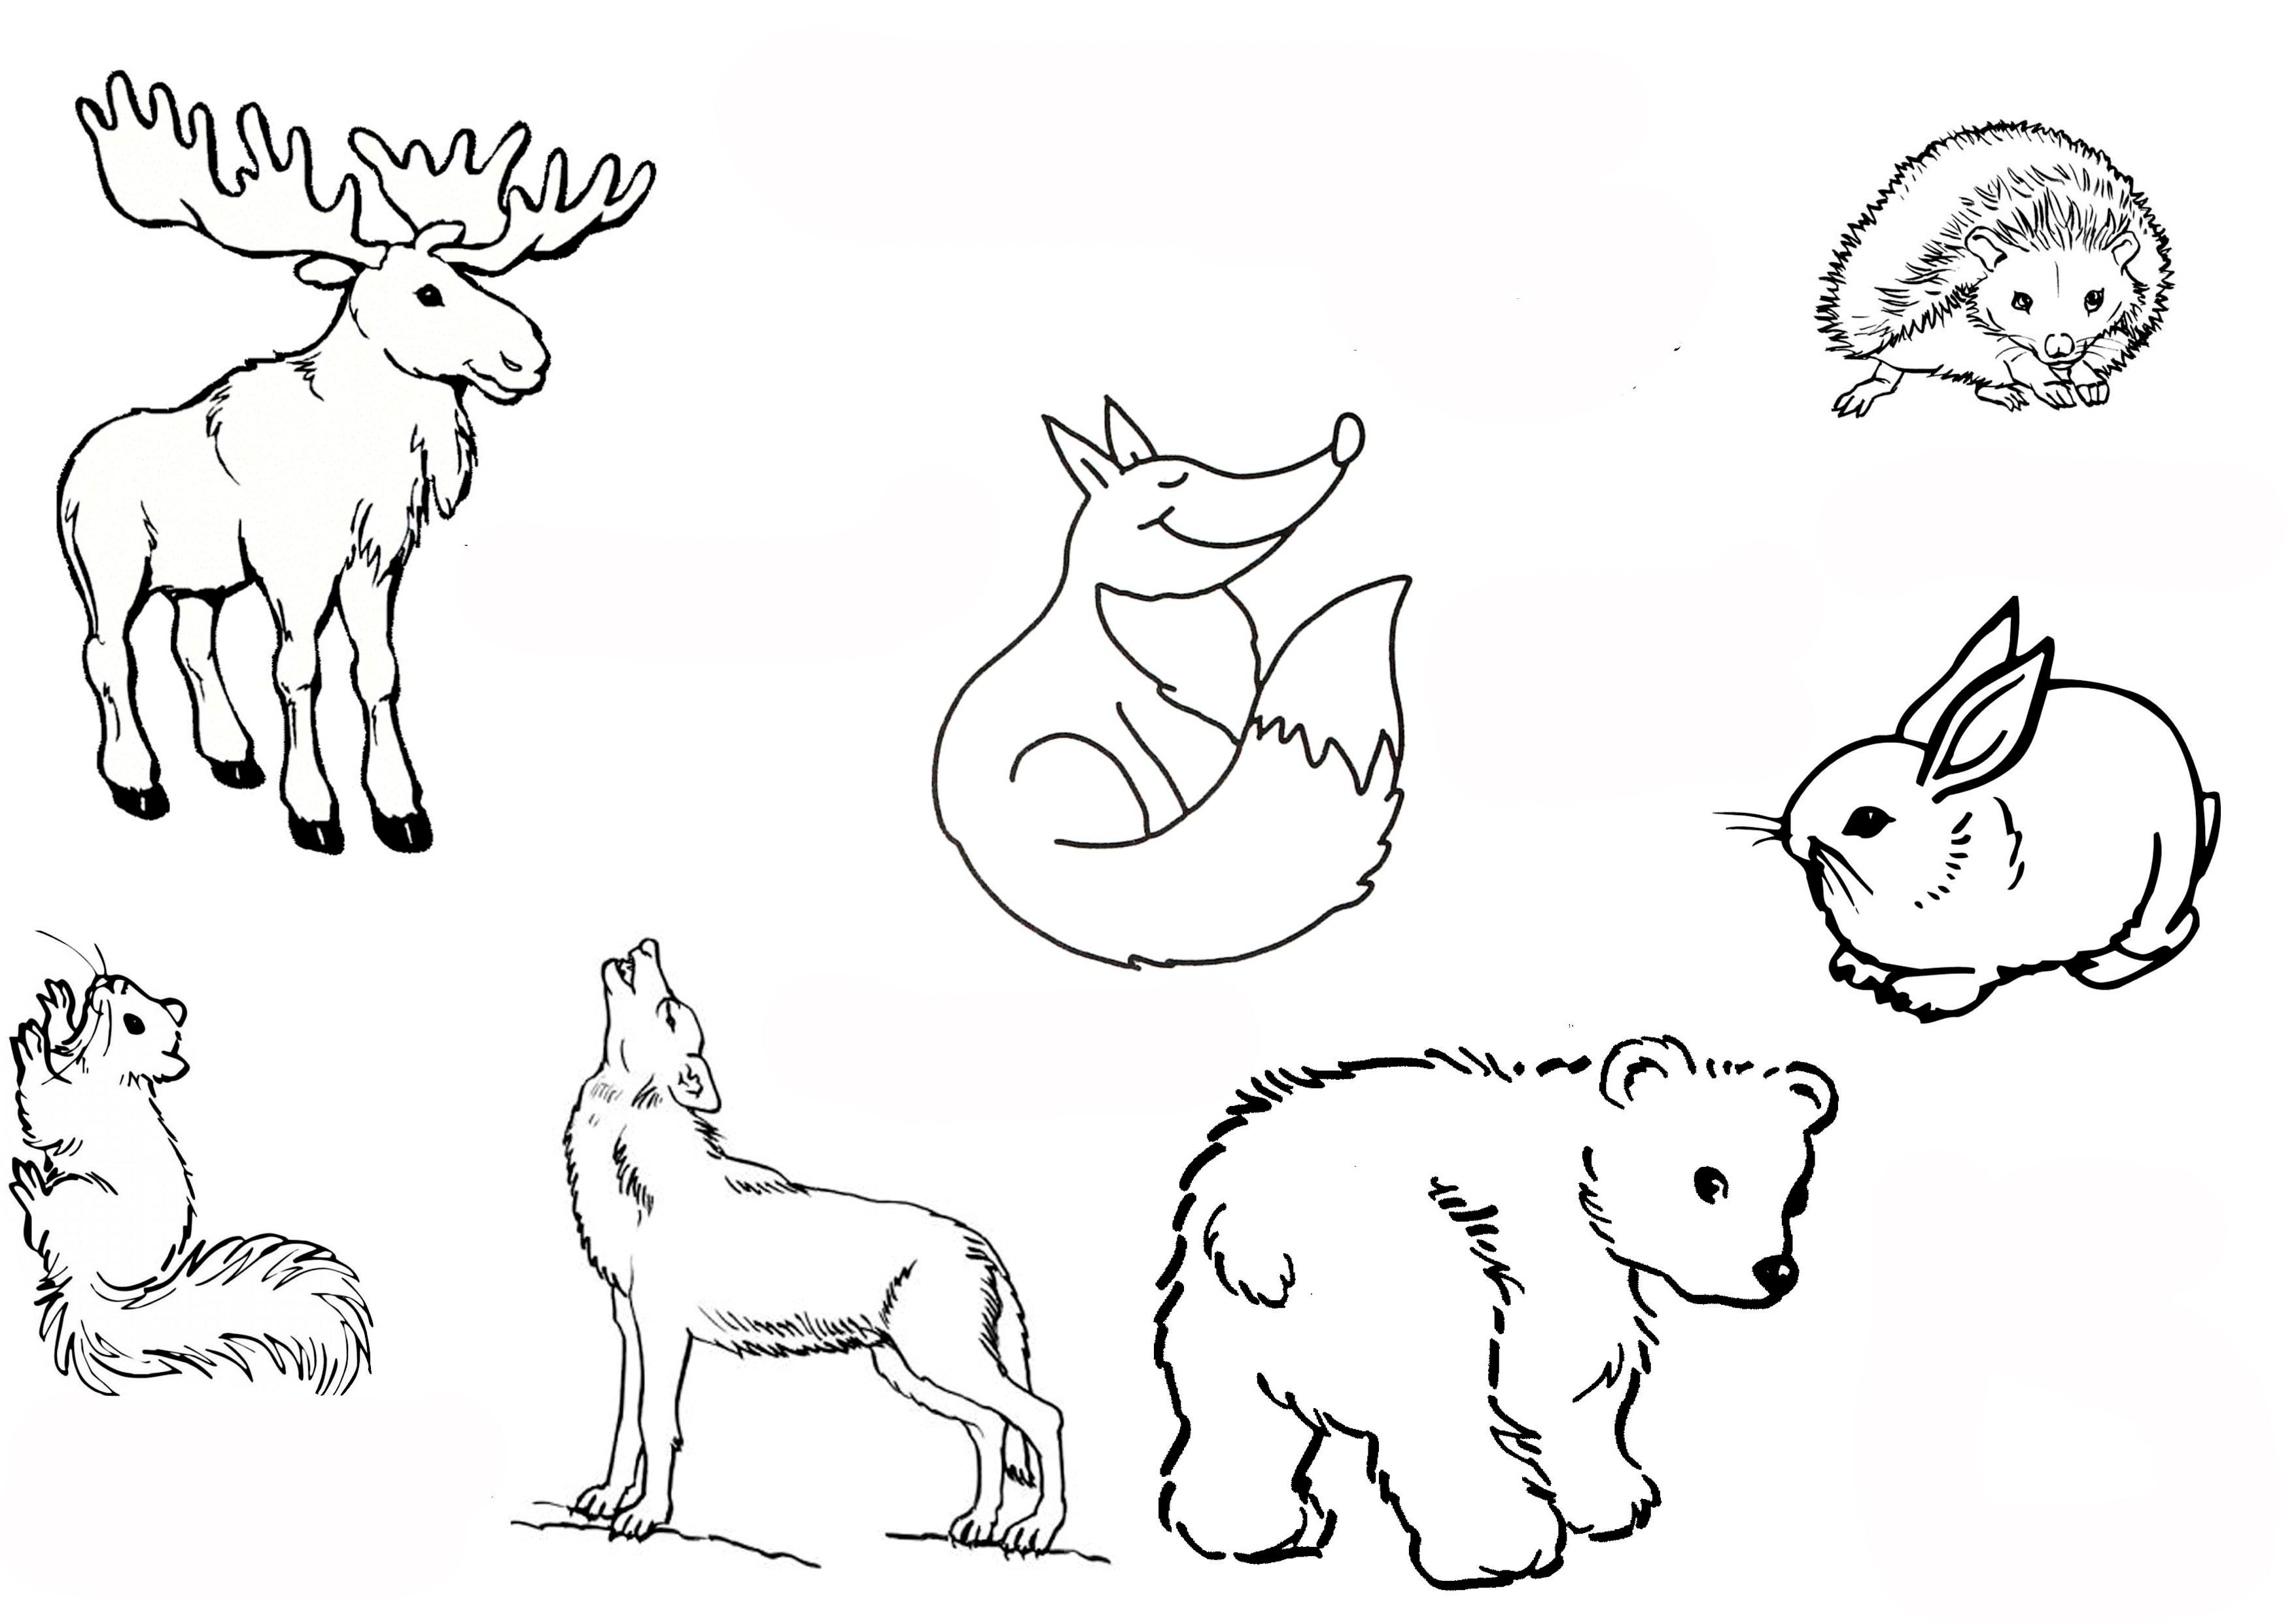 Ausmalbilder Malvorlagen - Waldtiere kostenlos zum